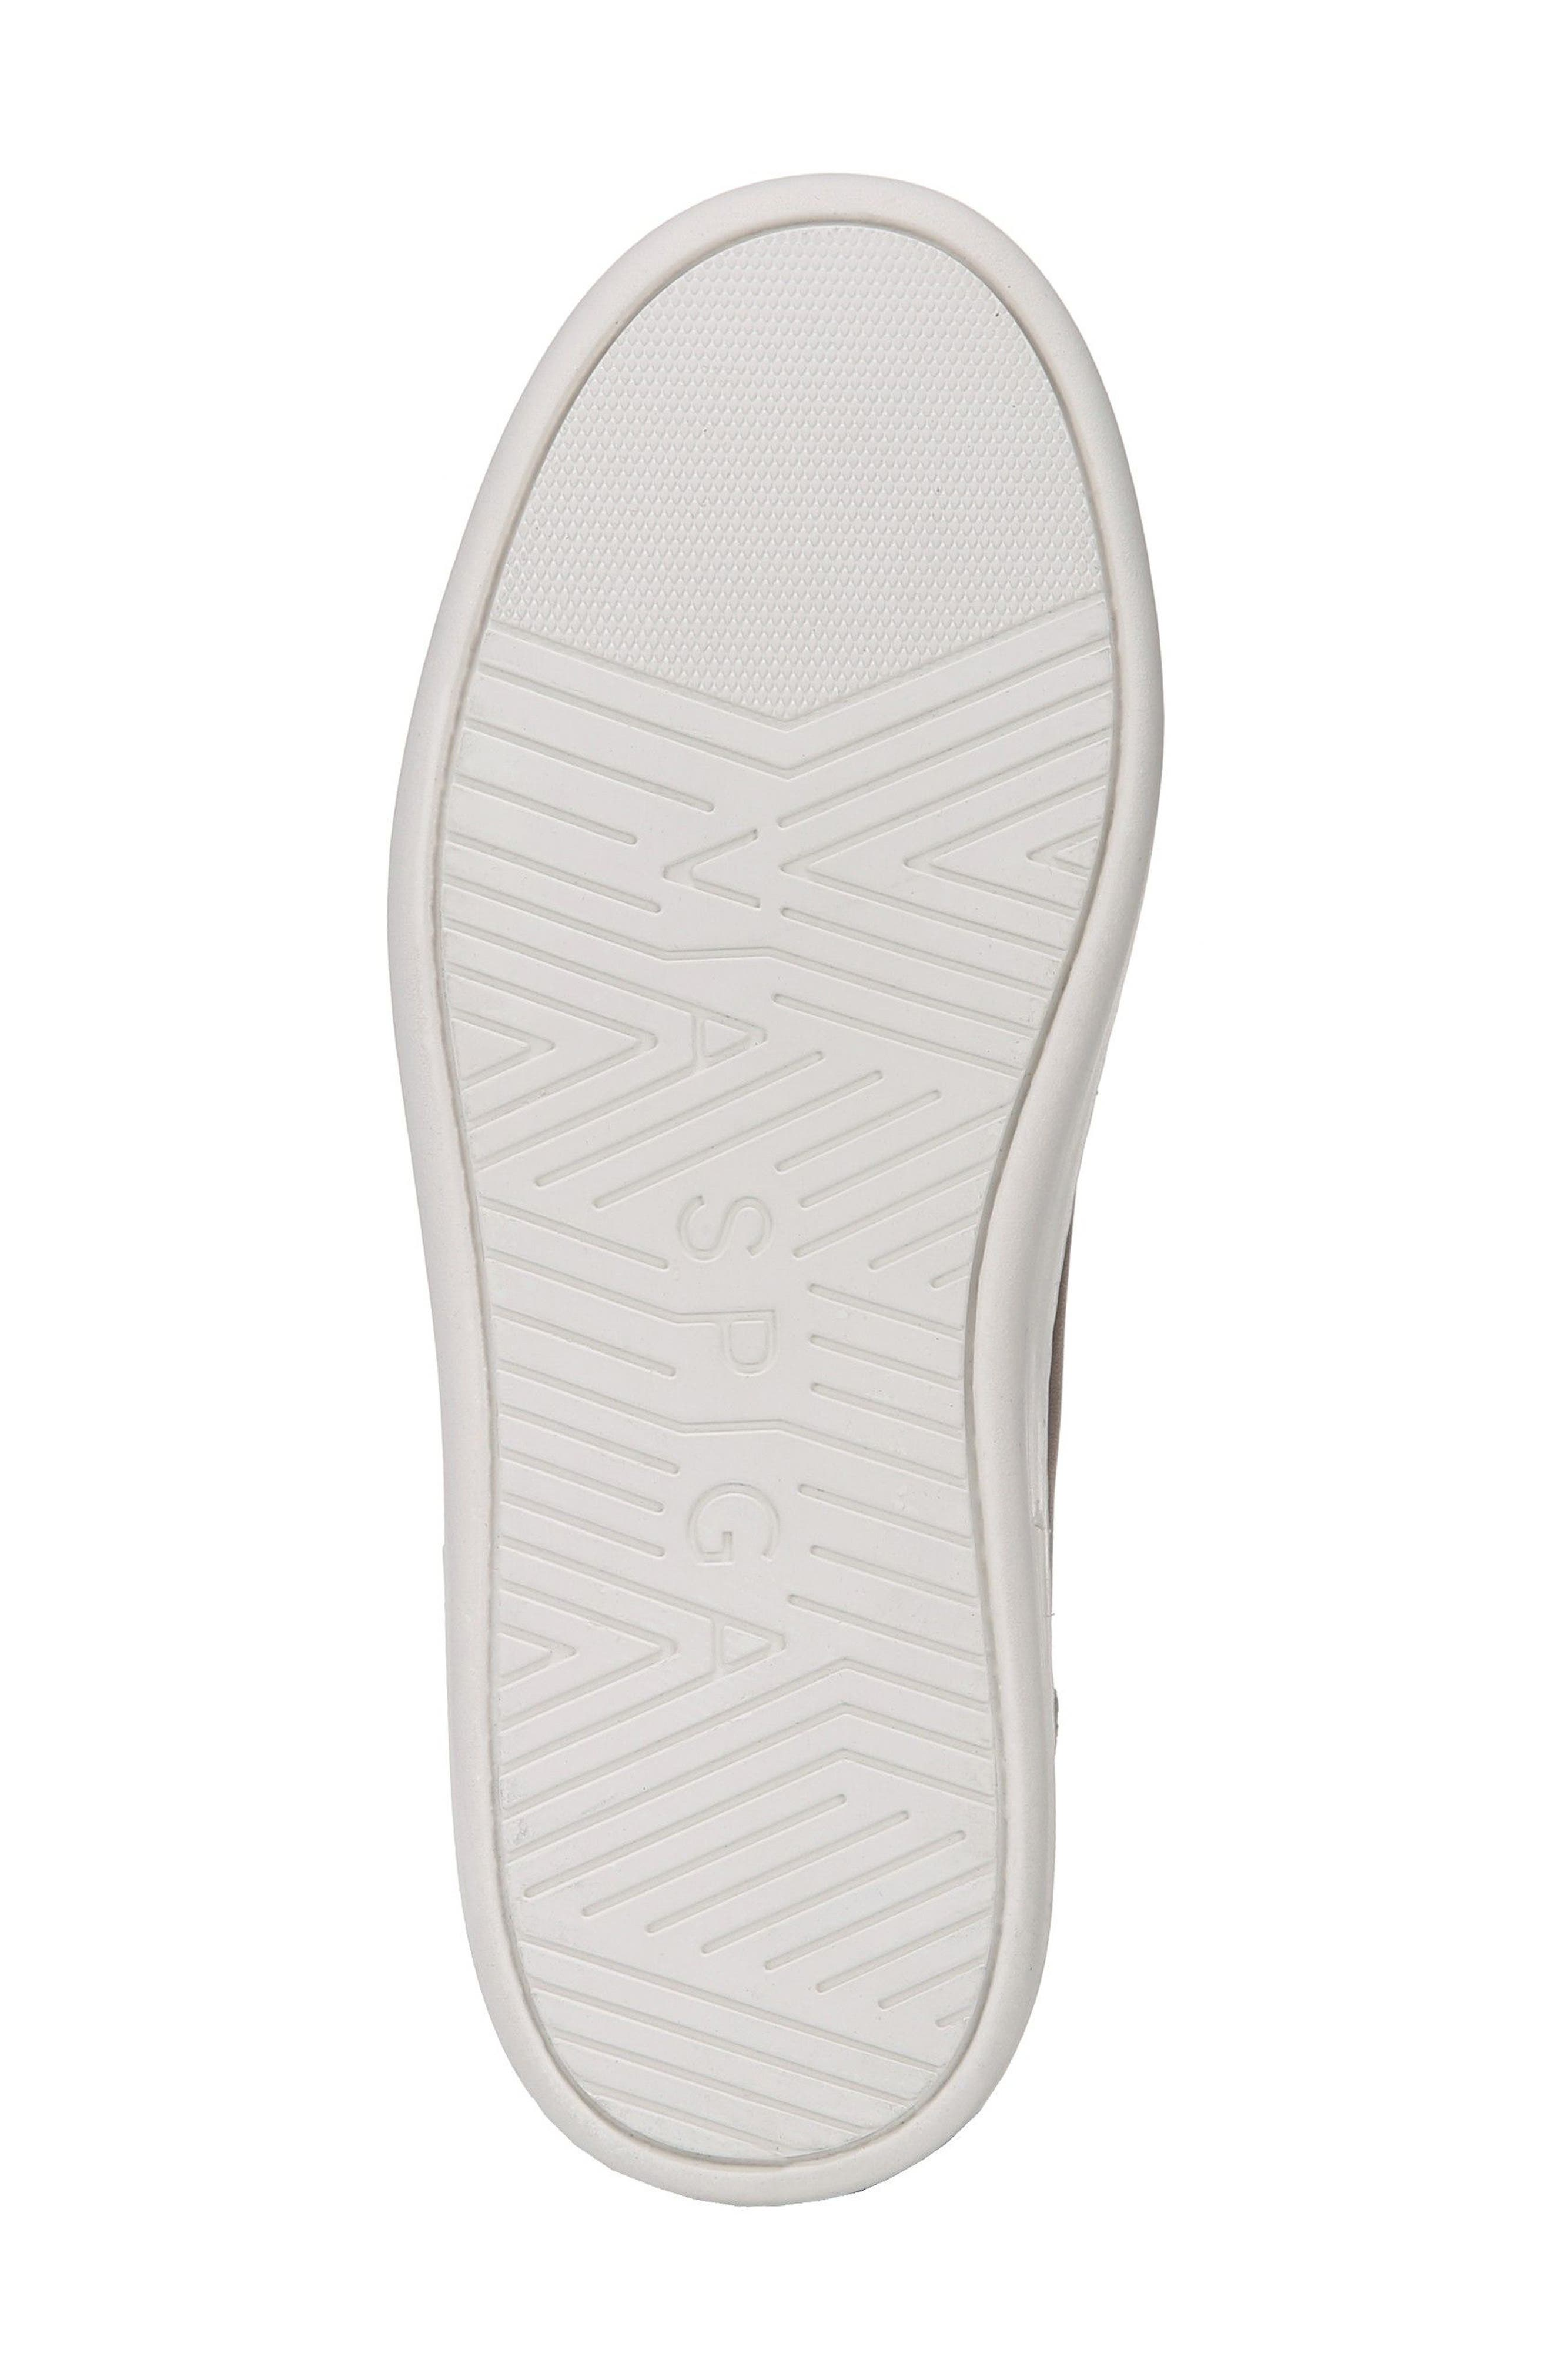 Rylen Platform Sneaker,                             Alternate thumbnail 6, color,                             Porcini/ Black/ White Leather